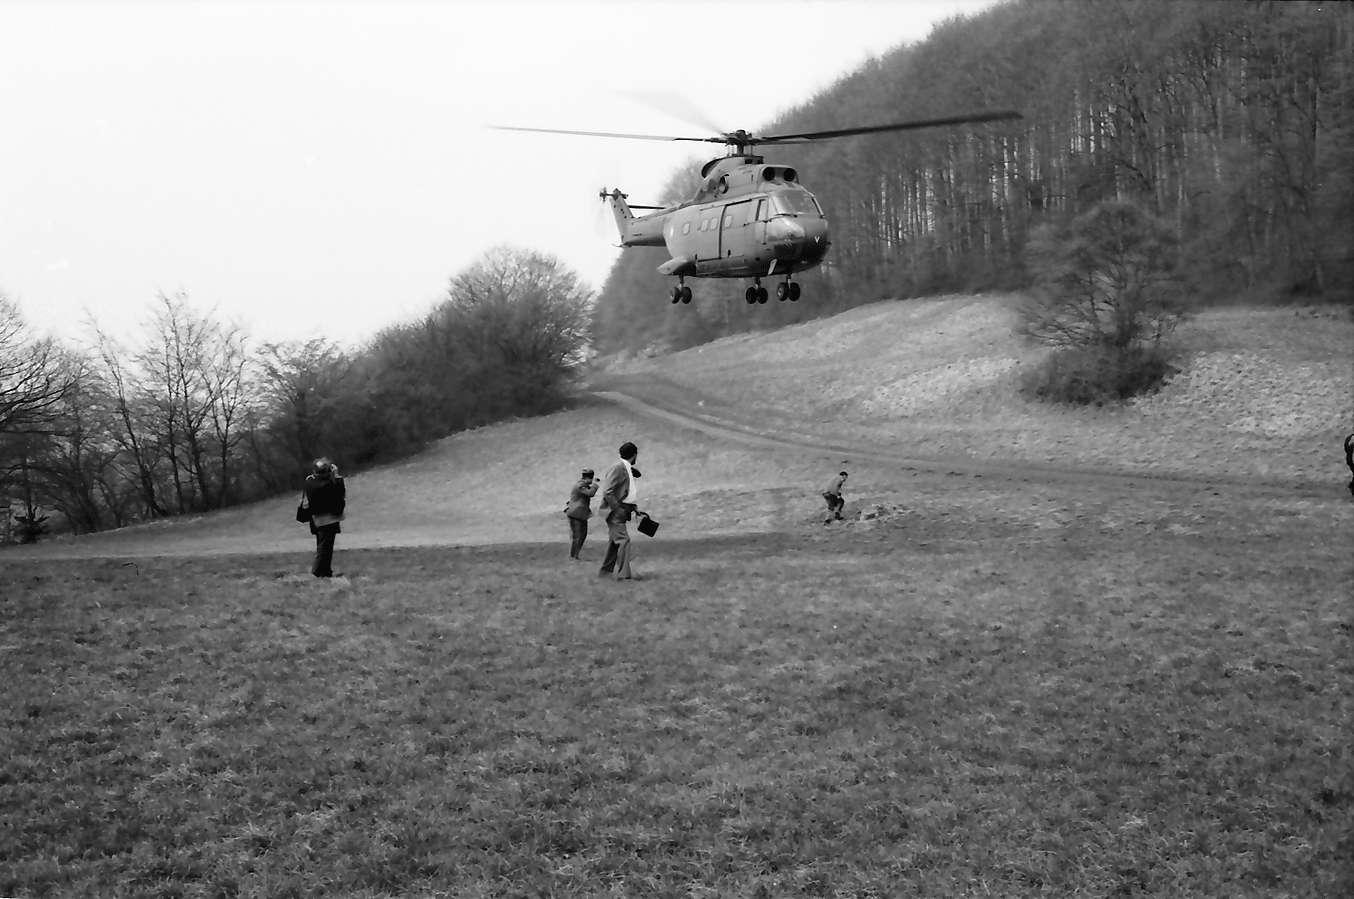 Freiburg [Ebringen]: Hubschrauber landet auf Wiese am Schönberg, Bild 1